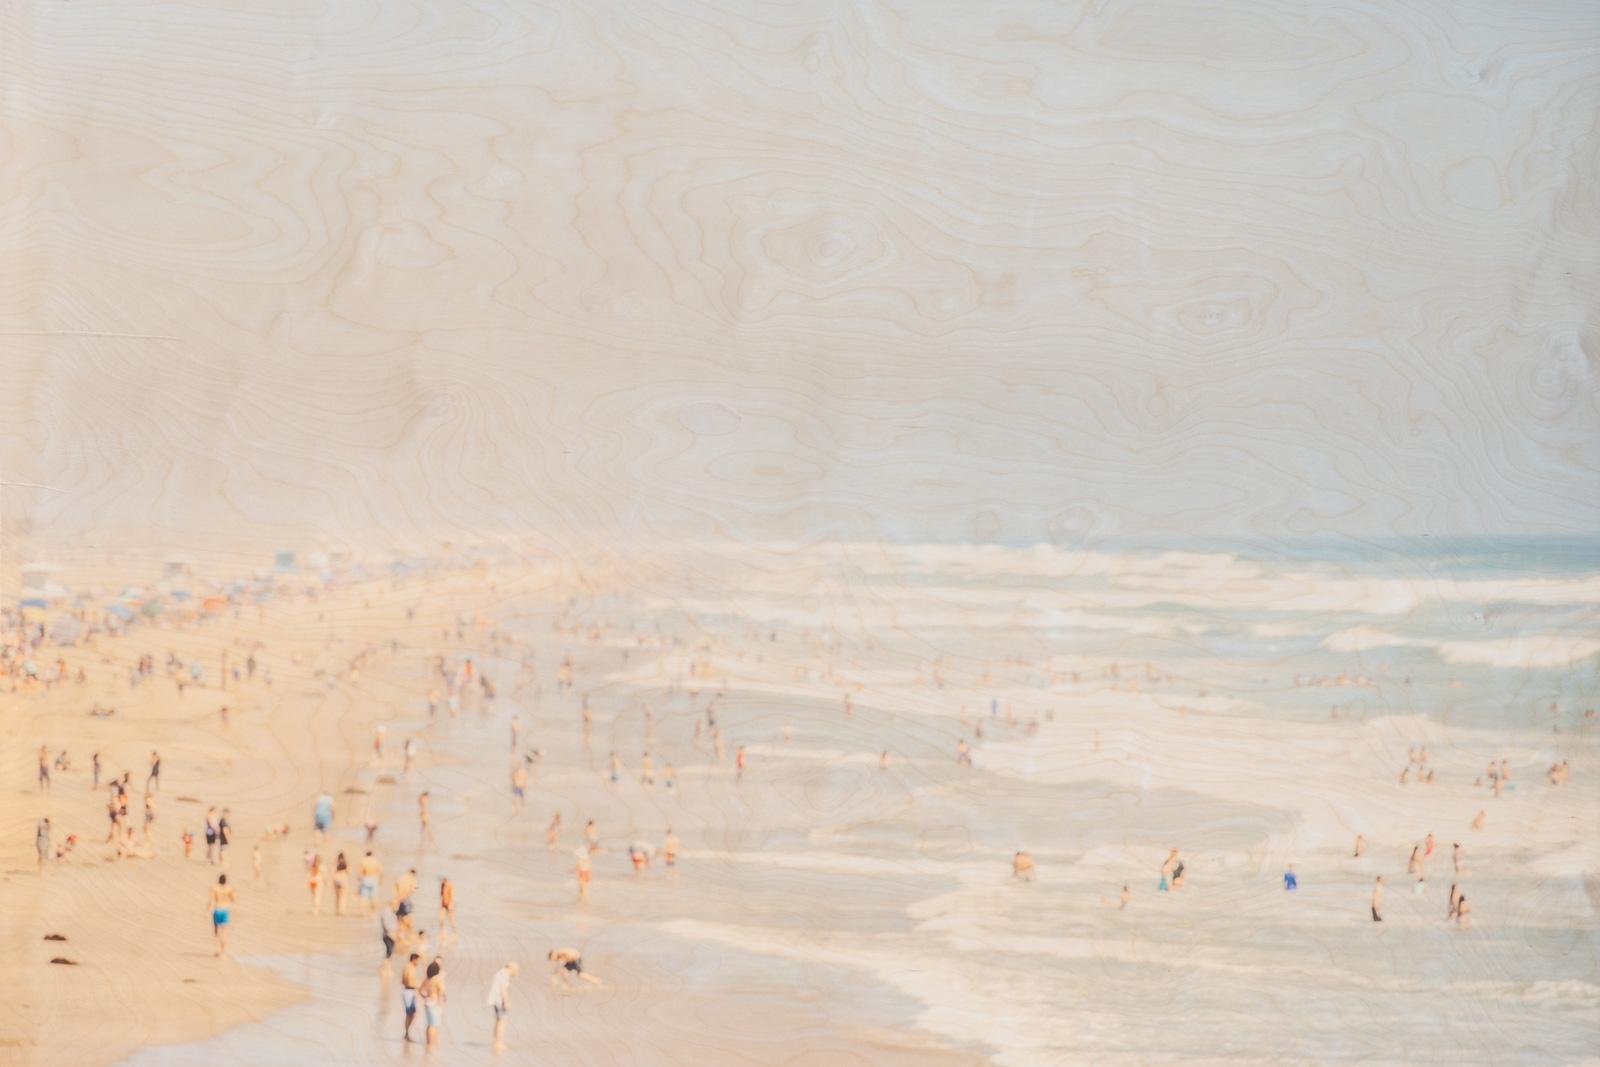 Summer Lovin' by Patrick Lajoie